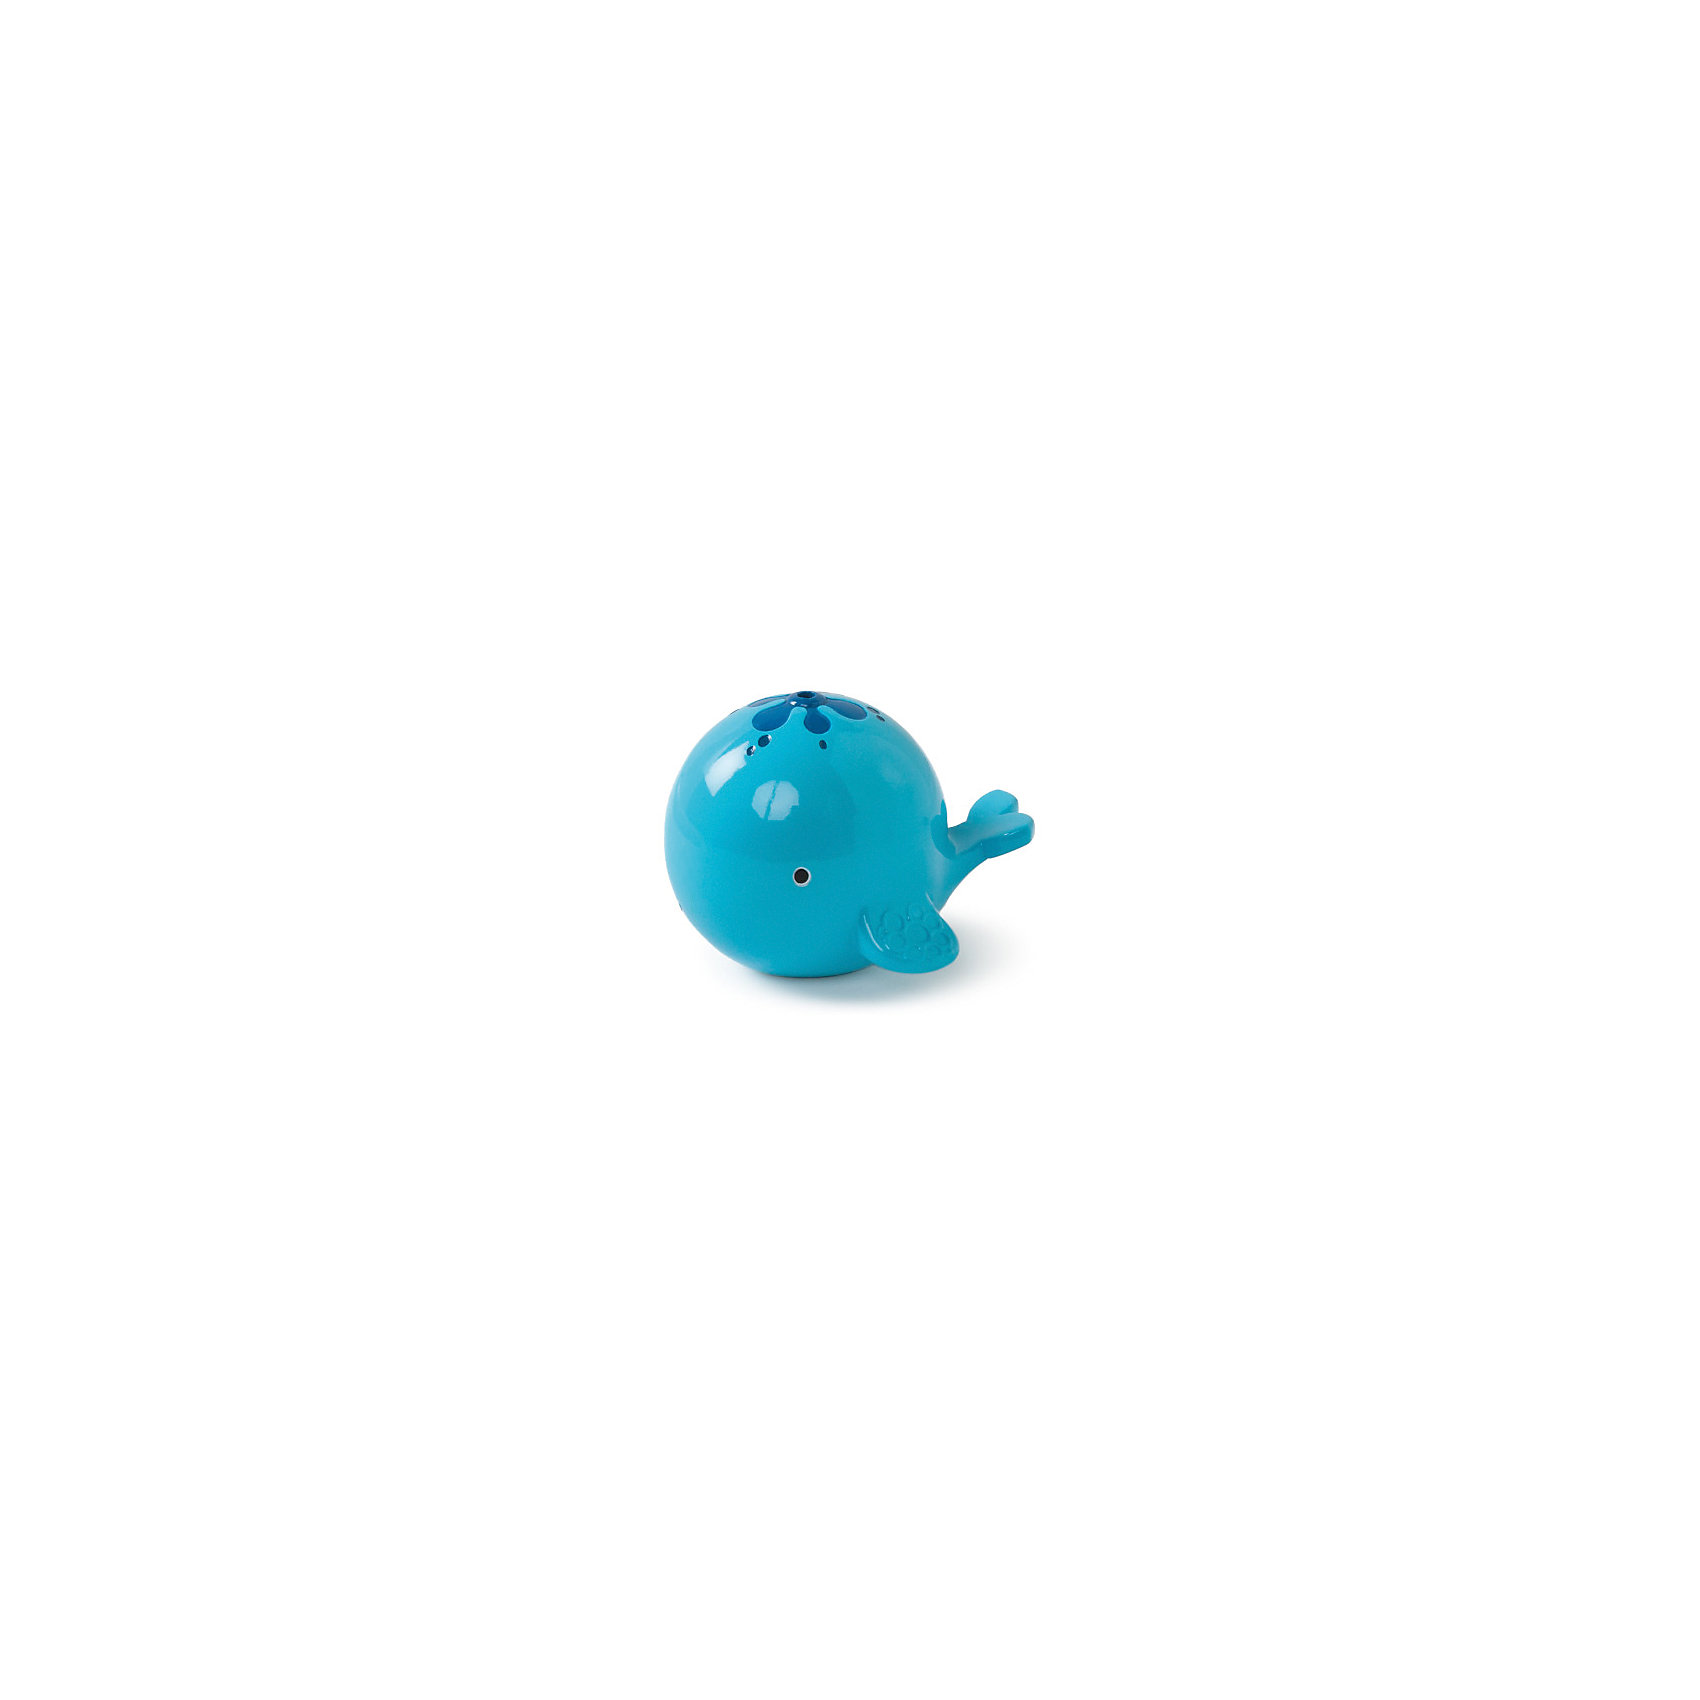 Игрушка для ванны «Кит», OballЛейки и поливалки<br>Игрушка для ванны Кит, Oball - забавная яркая игрушка, которая развлечет малыша во время купания. Игрушка выполнена в виде фигурки забавного голубого кита, который не тонет в воде. Сверху на спинке имеется отверстие, в которое можно наливать воду и она будет выливаться снизу фонтанчиком, забавляя малыша. Округлая форма кита и удобный размер позволяют ребенку без труда захватывать его своими пальчиками. Материал представляет собой качественный мягкий пластик, не содержащий вредных веществ. Игрушка развивает воображение, цветовое и тактильное восприятие, тренирует мелкую моторику.<br><br>Дополнительная информация:<br><br>- Материал: пластик.<br>- Размер игрушки: 13,5 х 5 х 10,5 см. <br>- Размер упаковки: 16,5 х 6,5 х 19 см. <br>- Вес: 100 гр.<br><br>Игрушку для ванны Кит, Oball, можно купить в нашем интернет-магазине.<br><br>Ширина мм: 179<br>Глубина мм: 157<br>Высота мм: 60<br>Вес г: 74<br>Возраст от месяцев: 0<br>Возраст до месяцев: 36<br>Пол: Унисекс<br>Возраст: Детский<br>SKU: 4222559